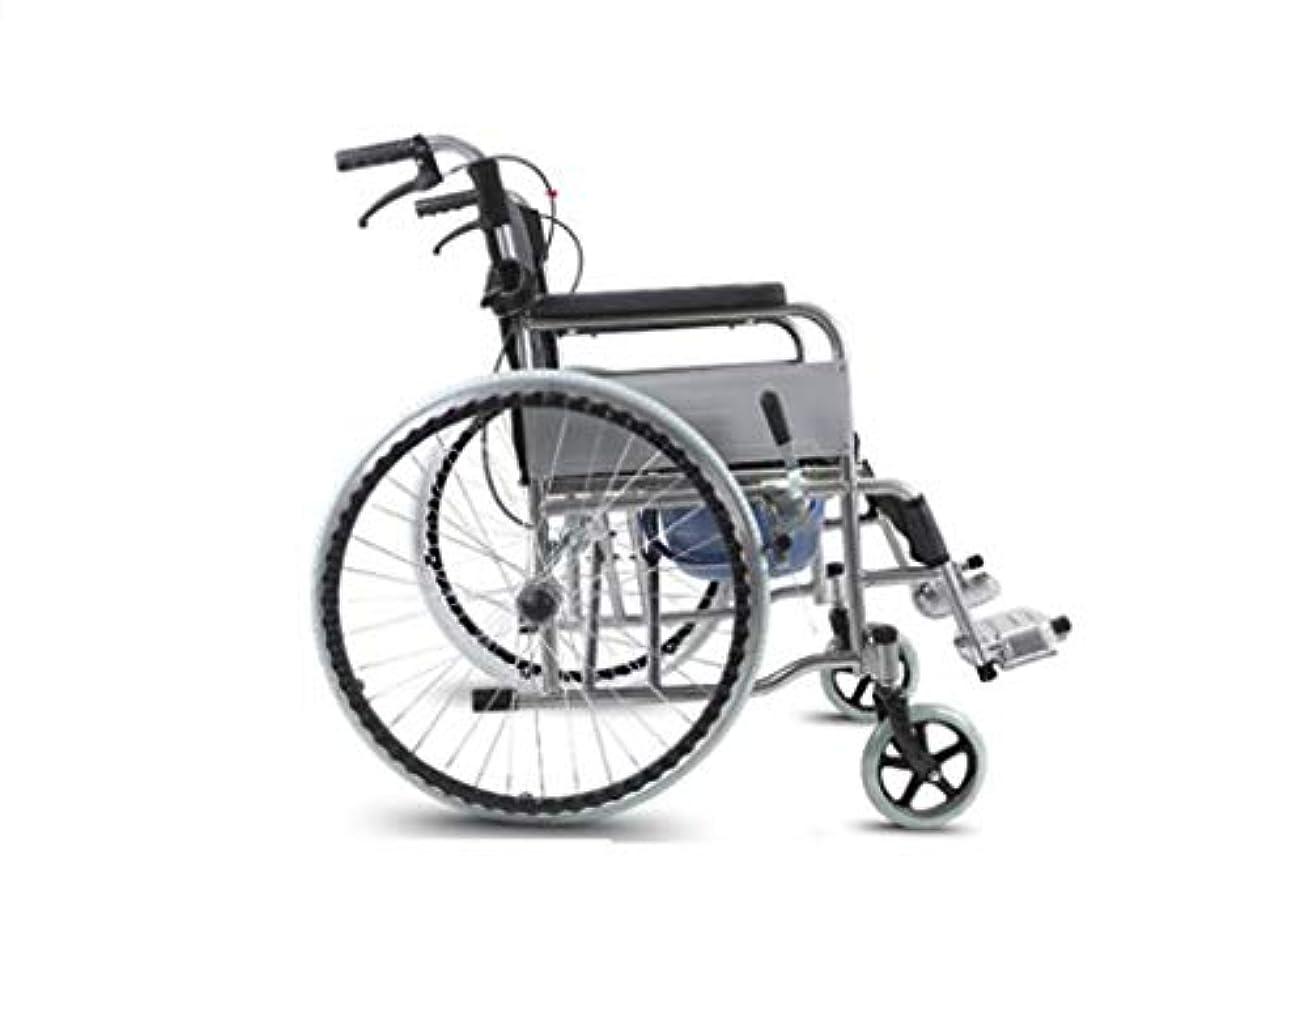 傭兵ホイールアルファベット順車椅子折りたたみ、高齢者障害者、屋外旅行車椅子トロリー、クマ280 Kg